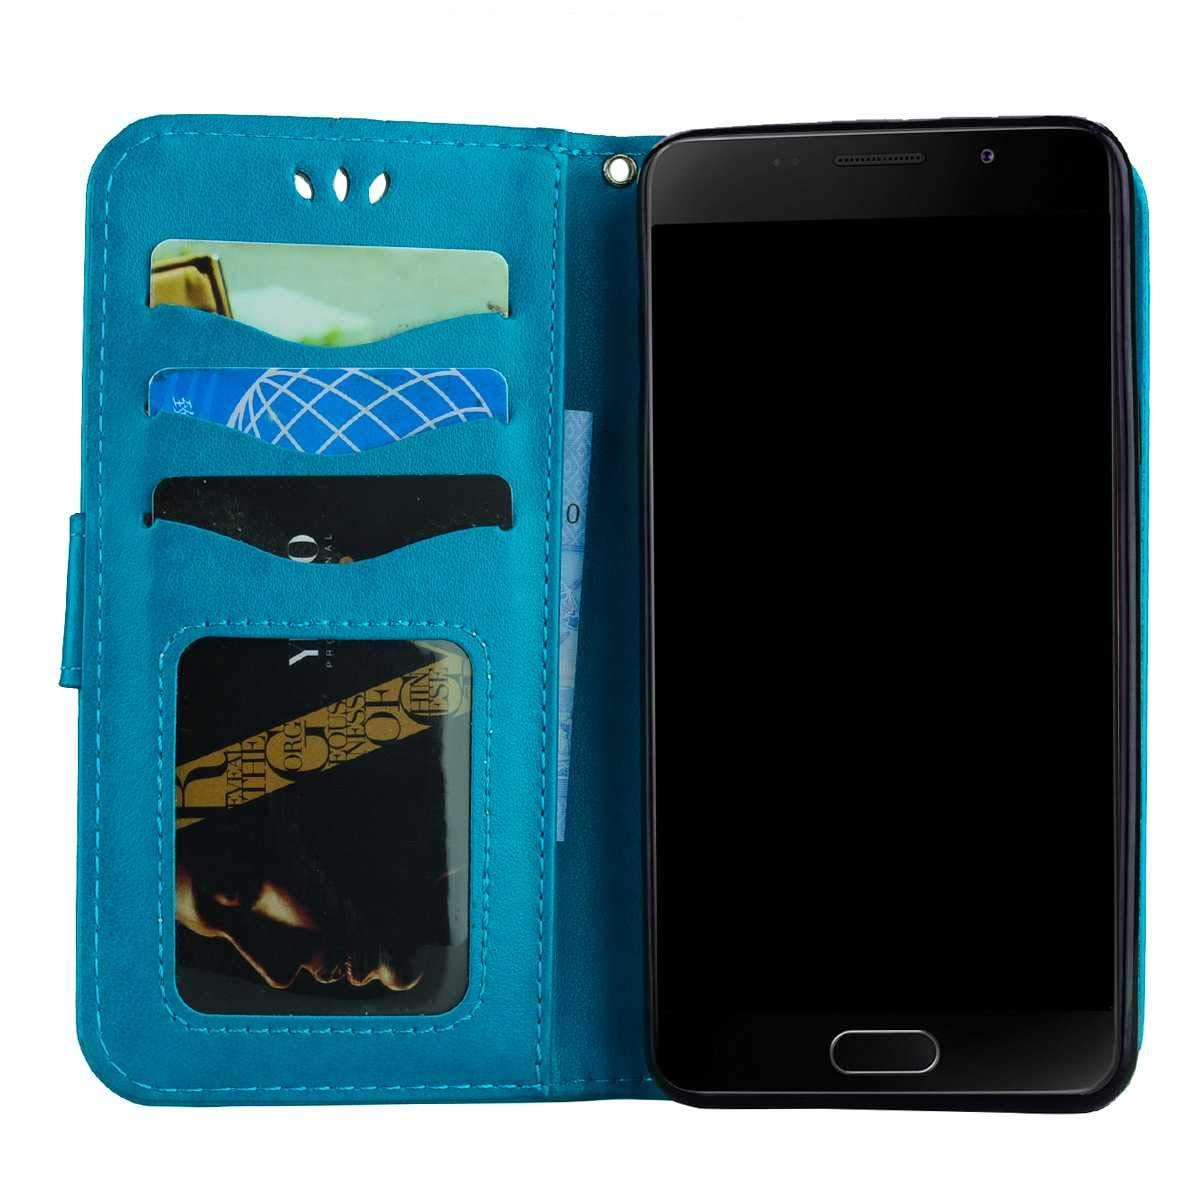 DENDICO Coque Galaxy A3 2016 Bleu Folio Souple TPU Bumper de Protection Mince Pochette Etui Housse en Cuir PU /à Rabat pour Samsung Galaxy A3 2016